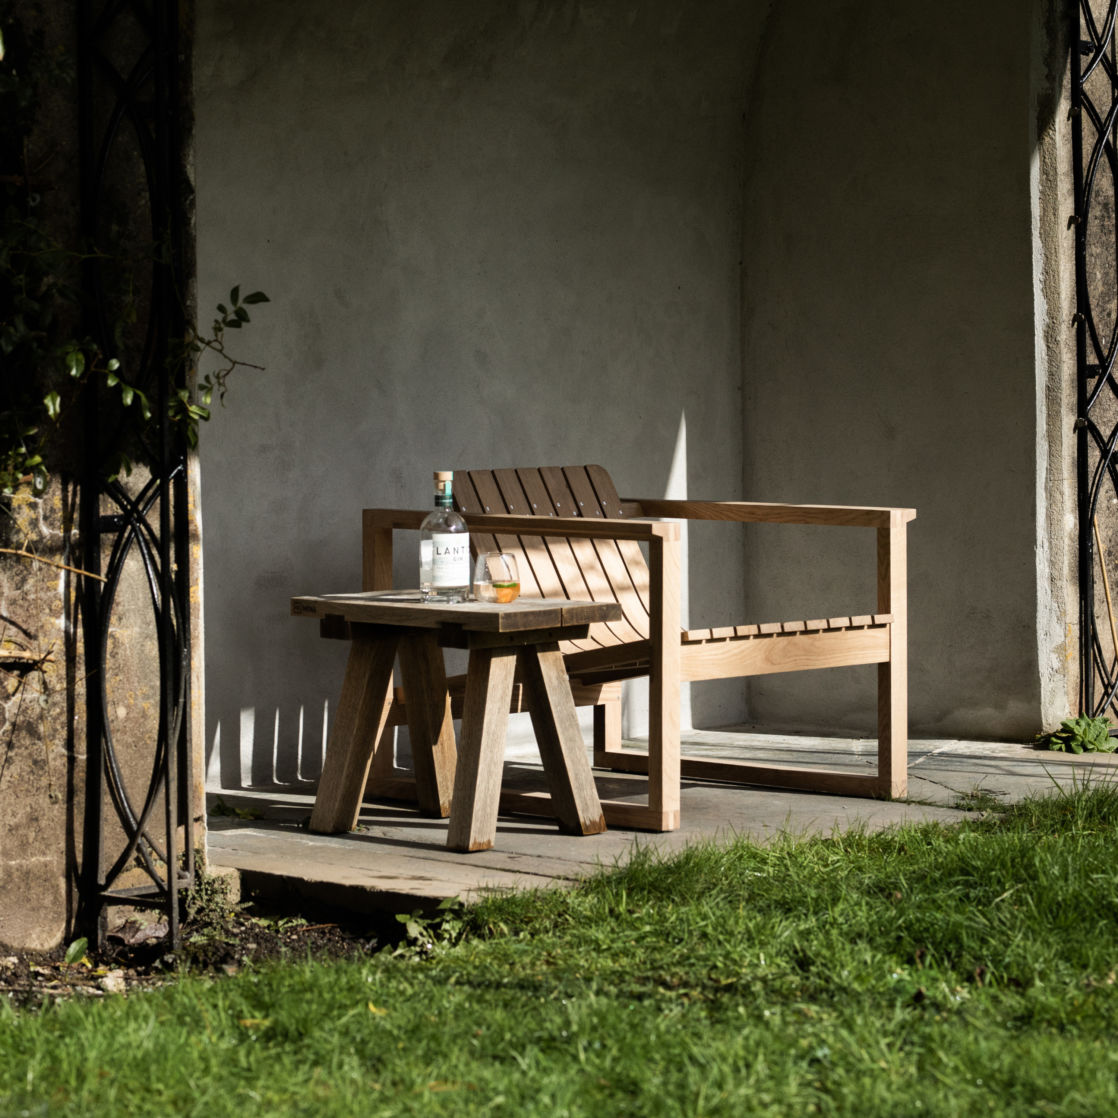 Huers Chair in Garden